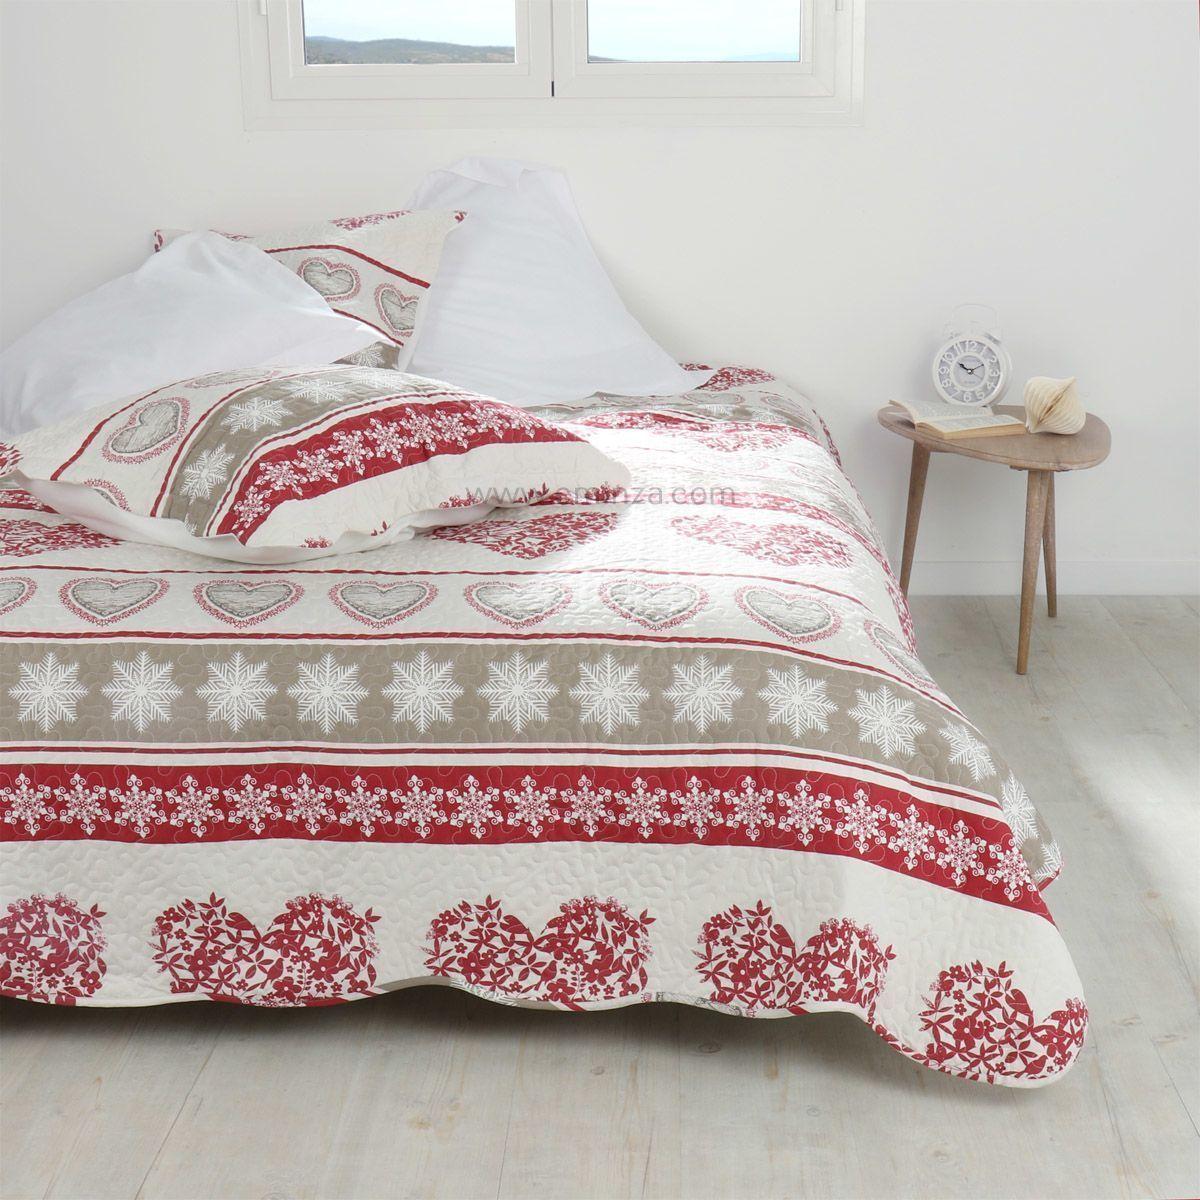 boutis et taies d 39 oreiller 220 x 240 cm balme rouge couvre lit boutis eminza. Black Bedroom Furniture Sets. Home Design Ideas